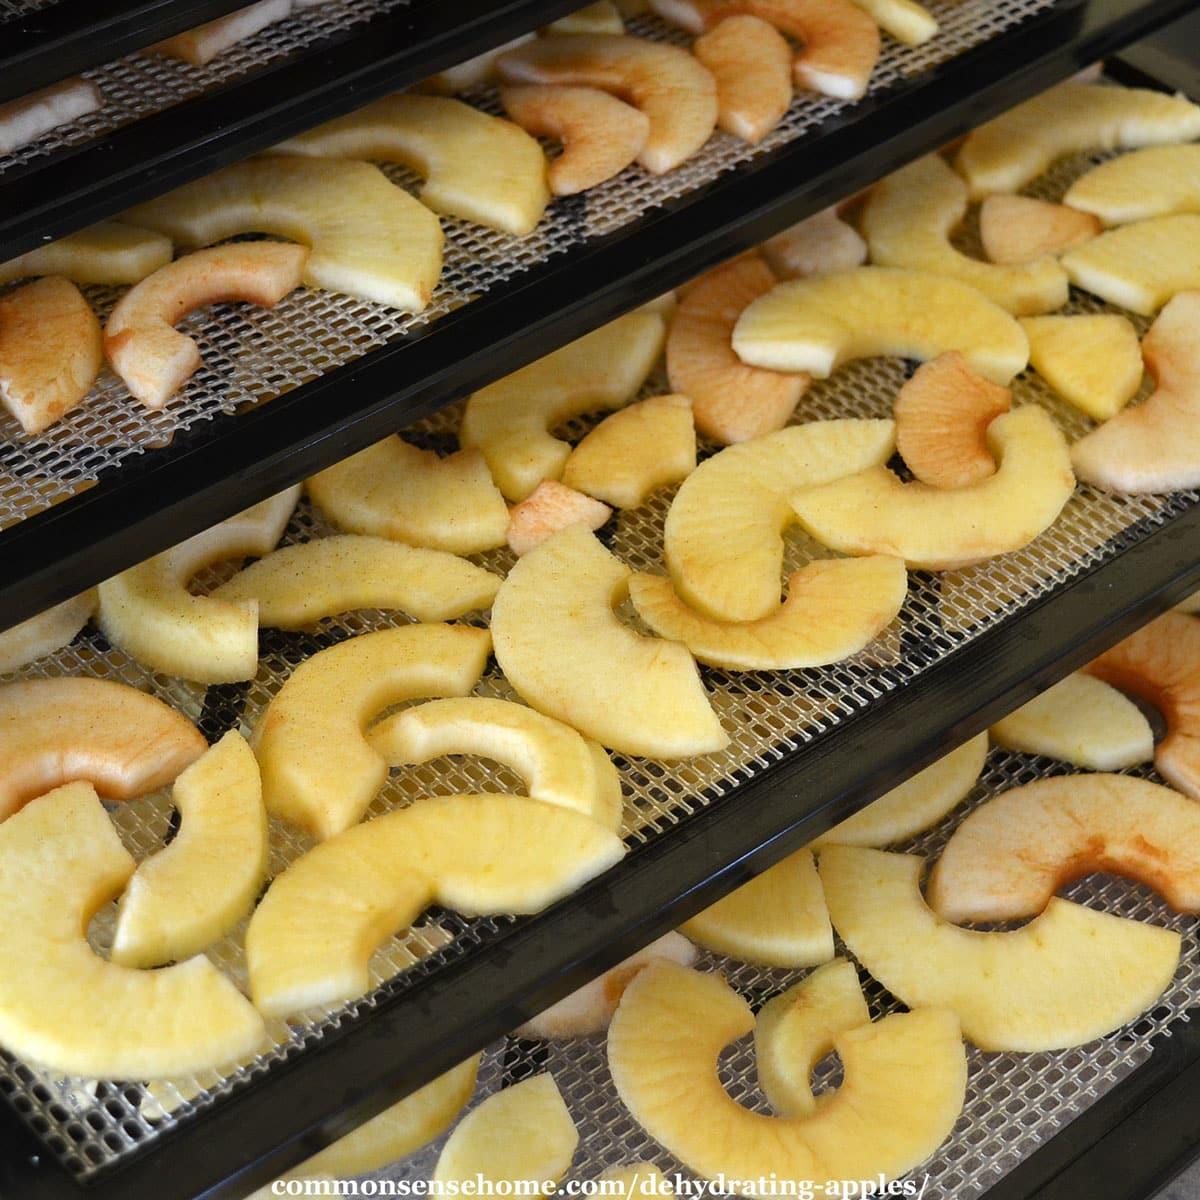 apples loaded on dehydrator trays